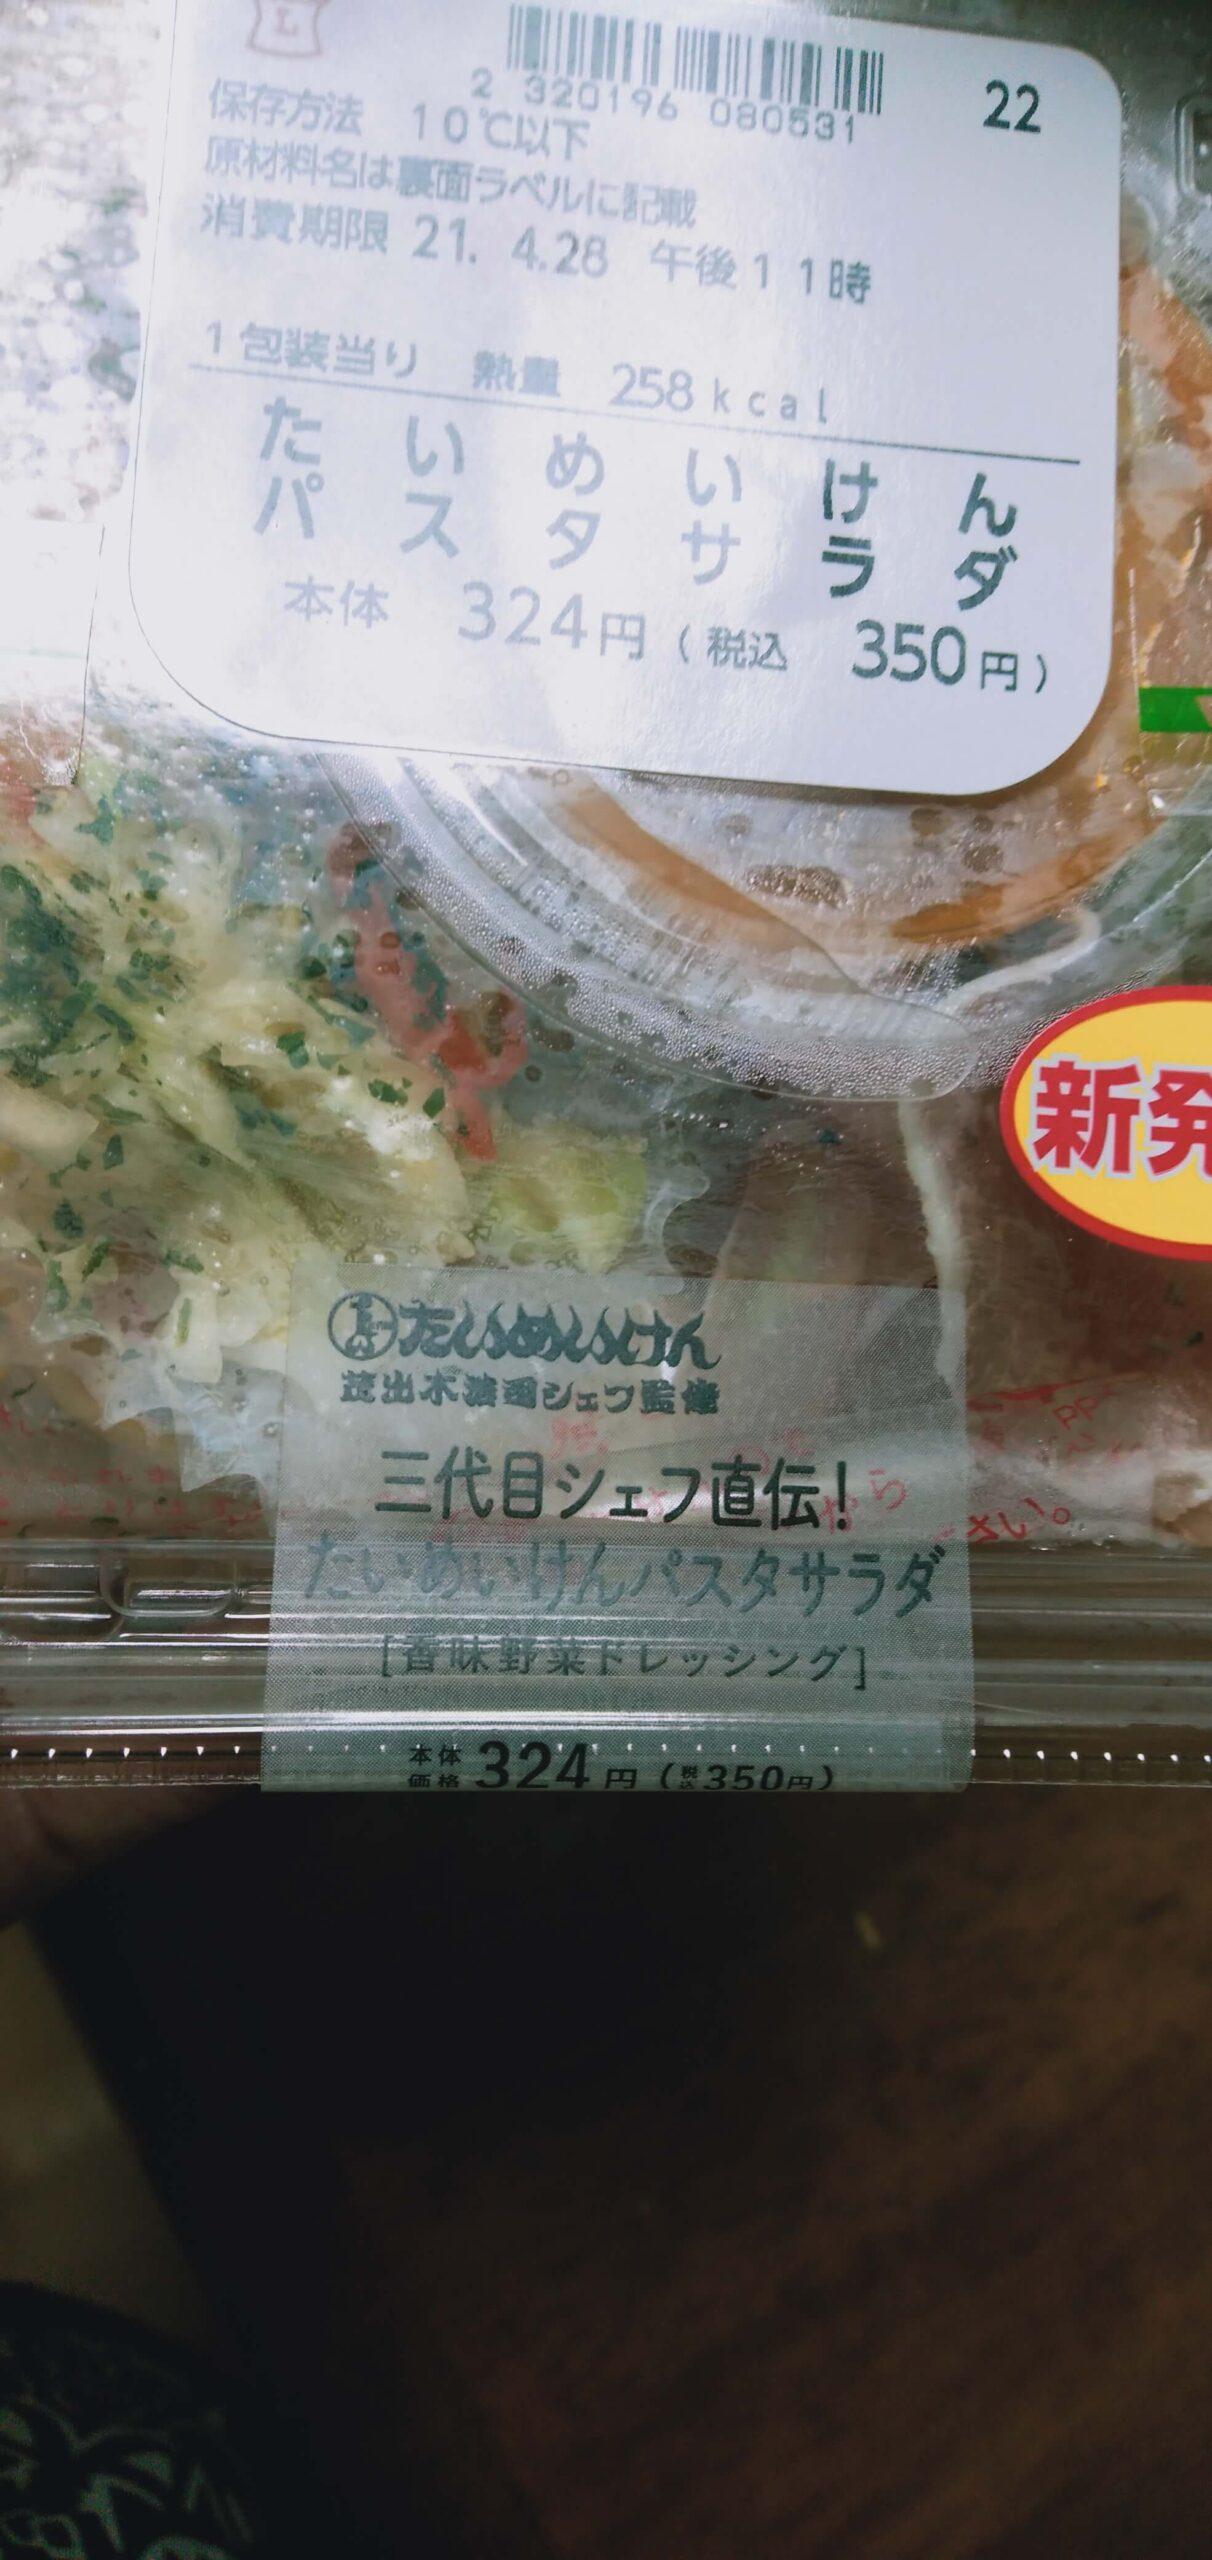 たいめいけんパスタサラダのパッケージ